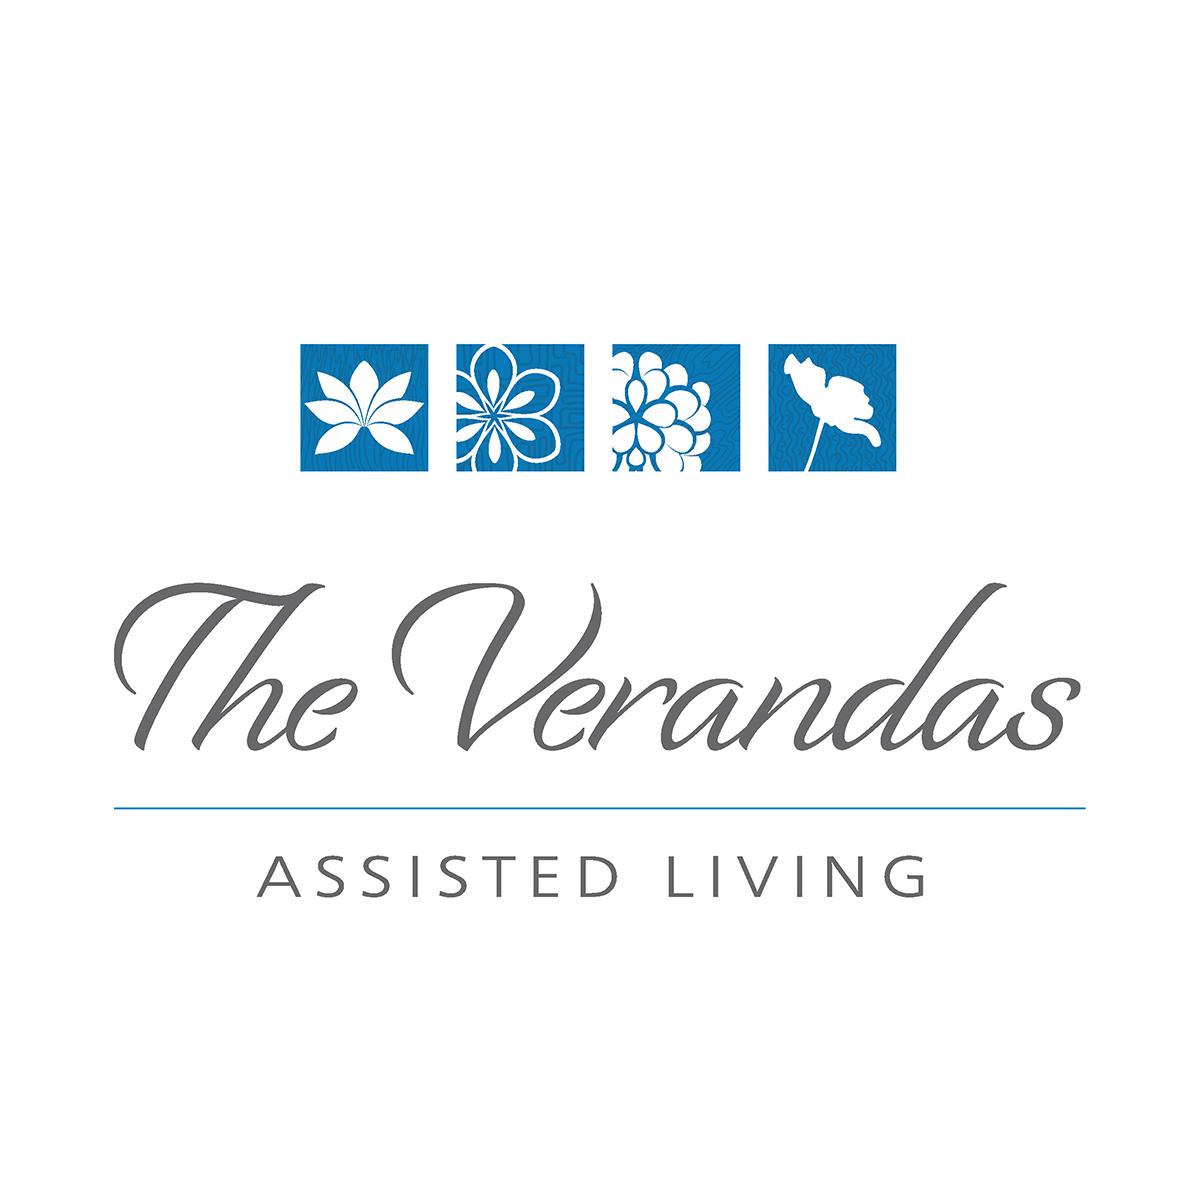 The Verandas Assisted Living